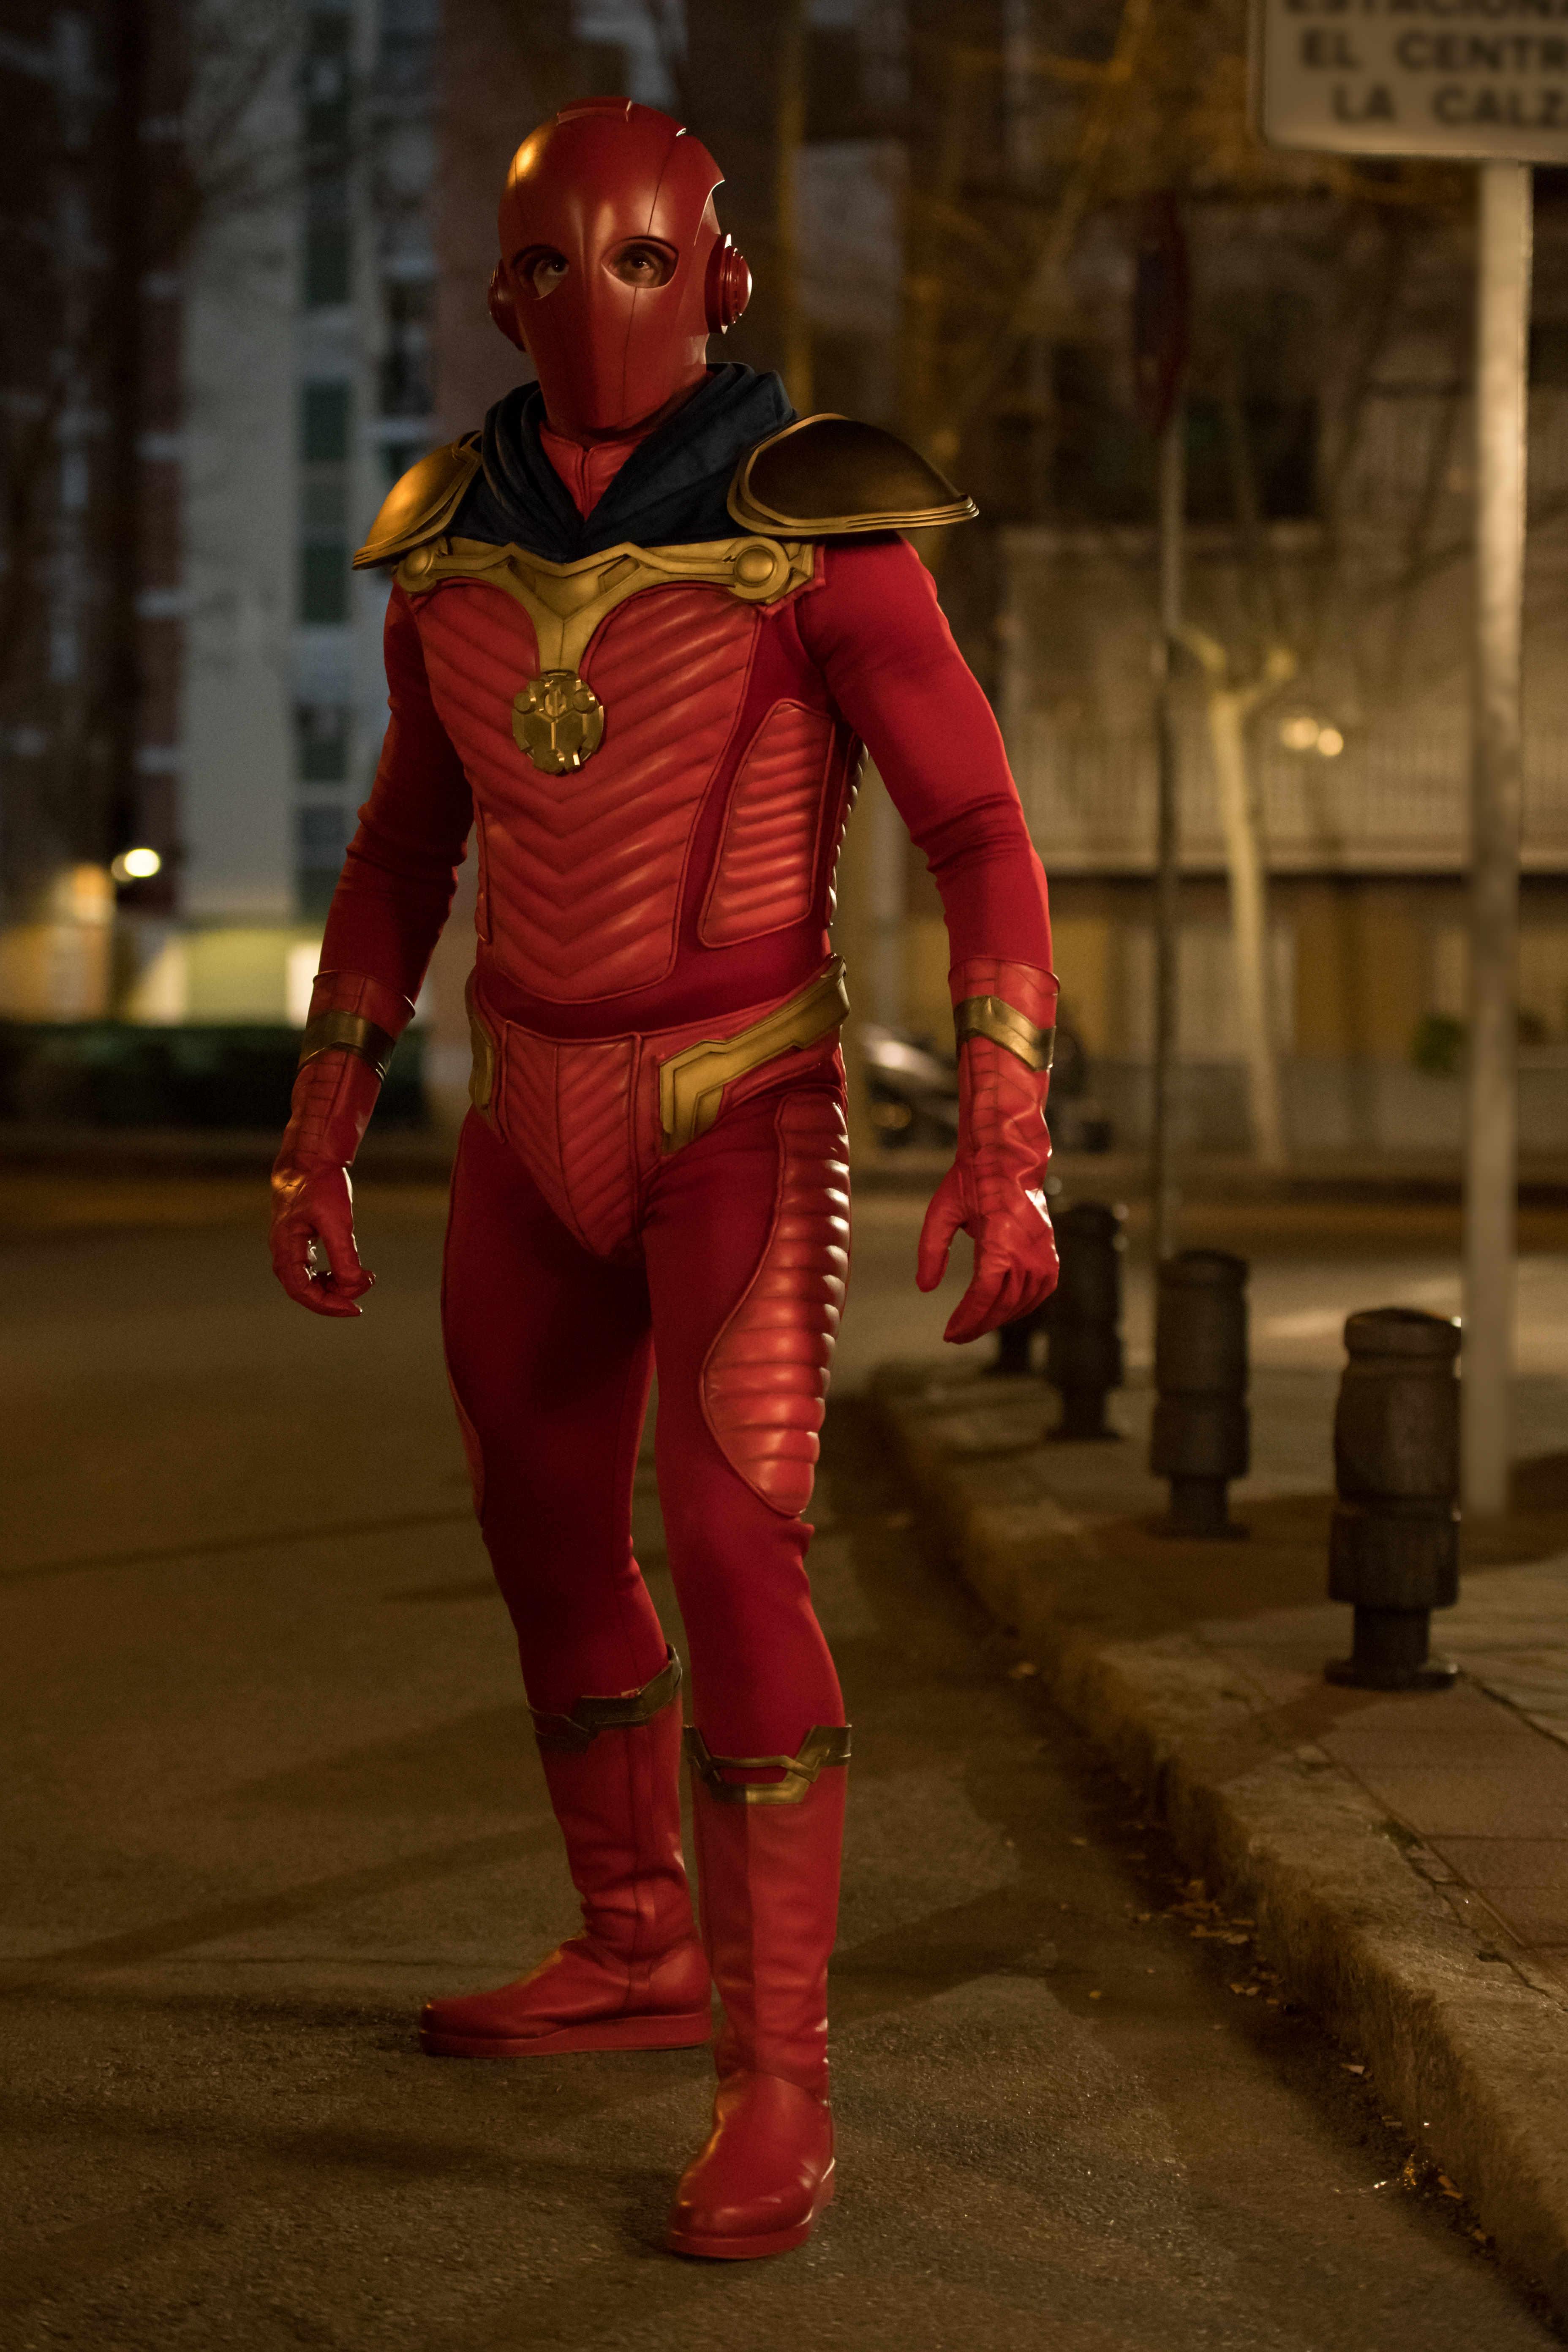 'El vecino': Desvelado el aspecto del misterioso superhéroe que interpreta Quim Gutiérrez